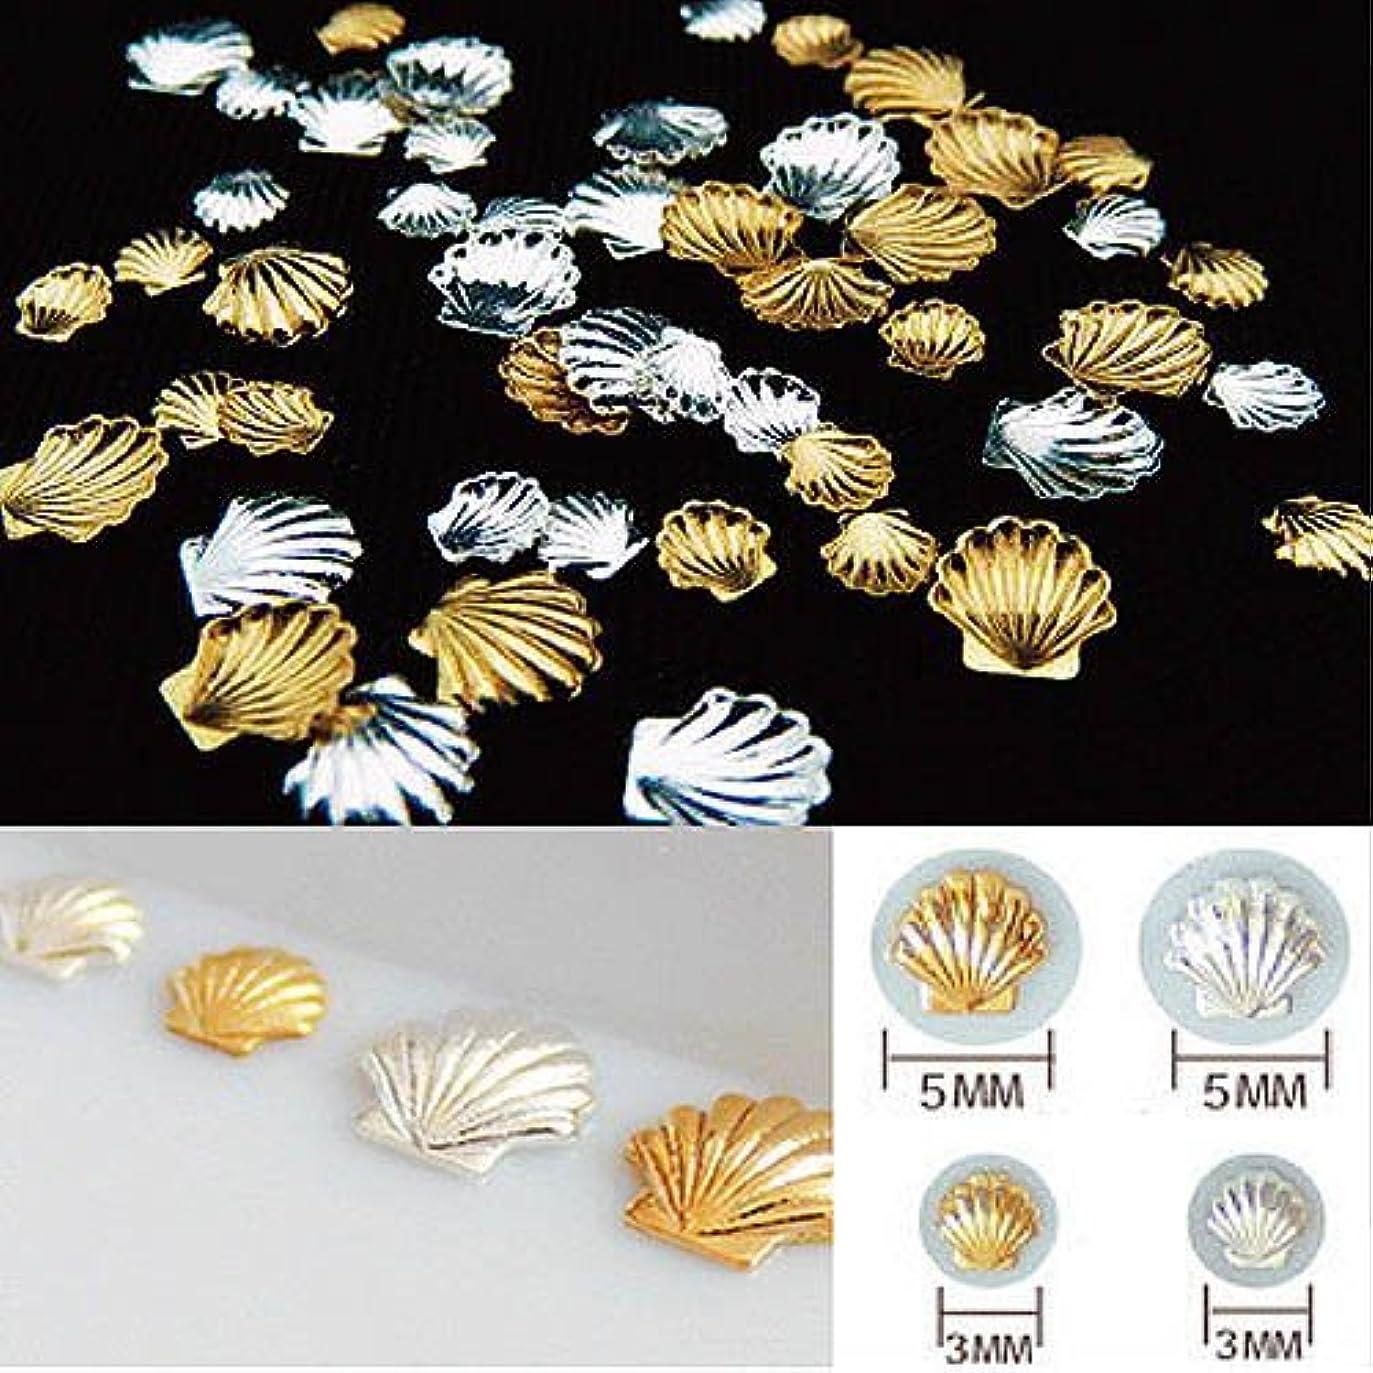 メガロポリス定義免疫貝殻モチーフ マリン パーツ チャーム 金属パーツ メタルシェル 48個(ゴールド&シルバー、3mm&5mm 各12個)セット